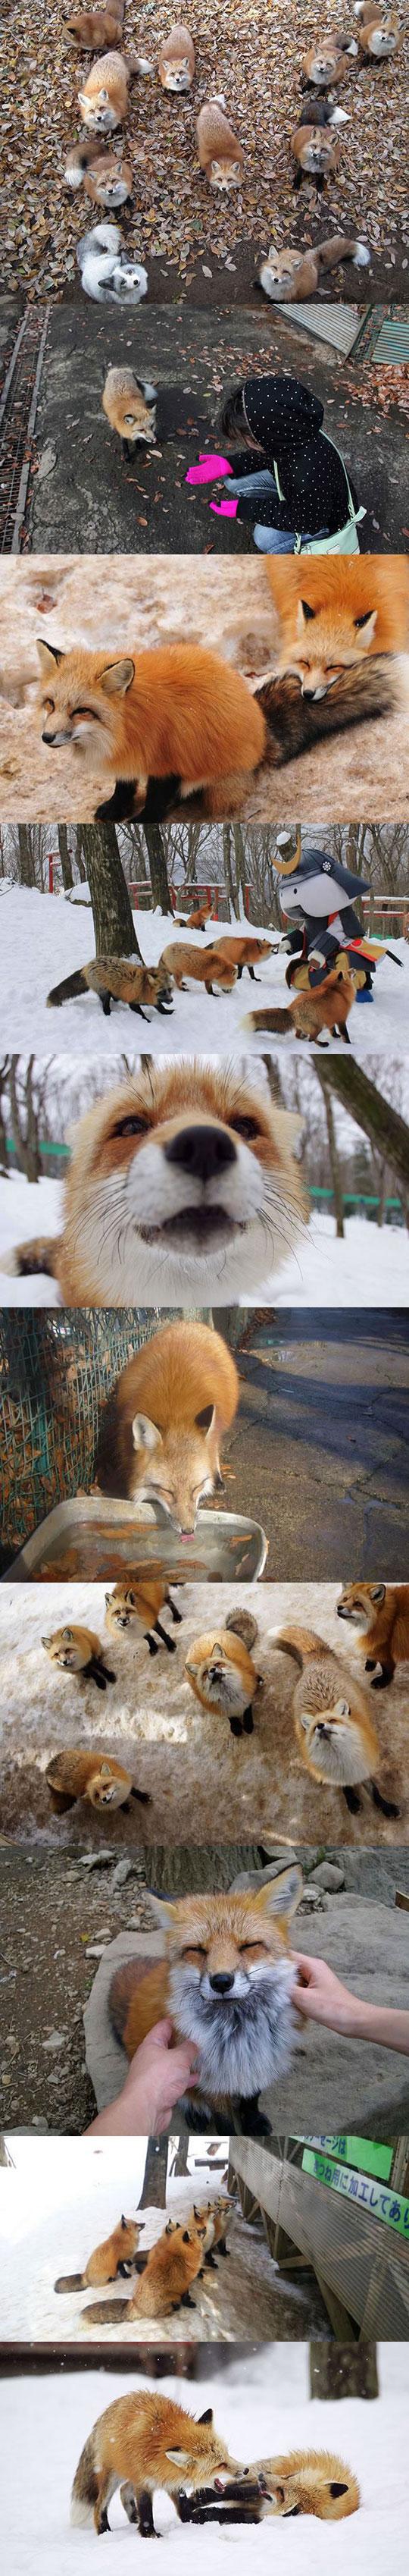 fox-village-japan-cute